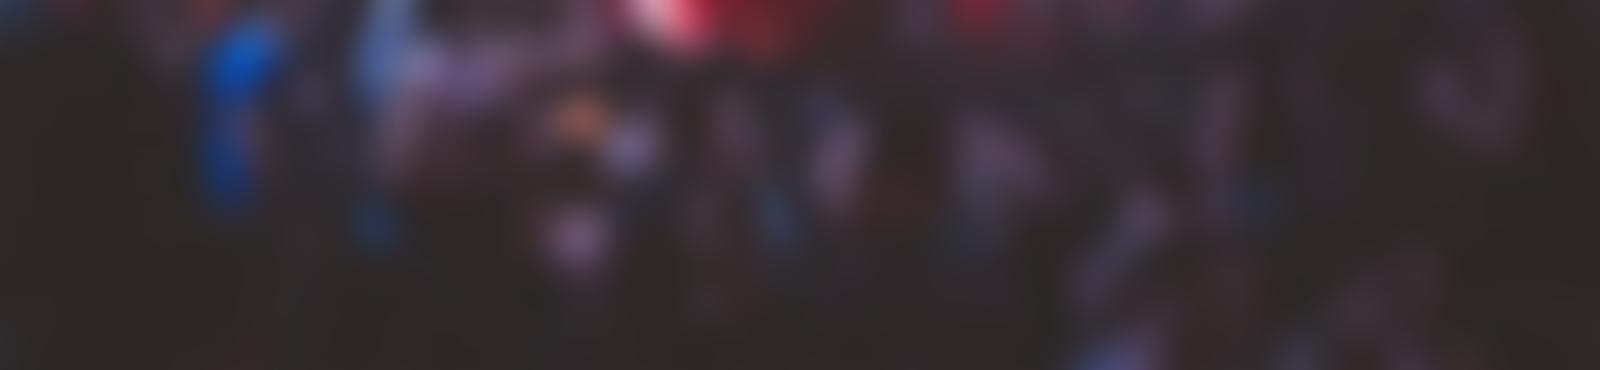 Blurred ba5d611d 5991 4117 8d85 ba85a8a801c9